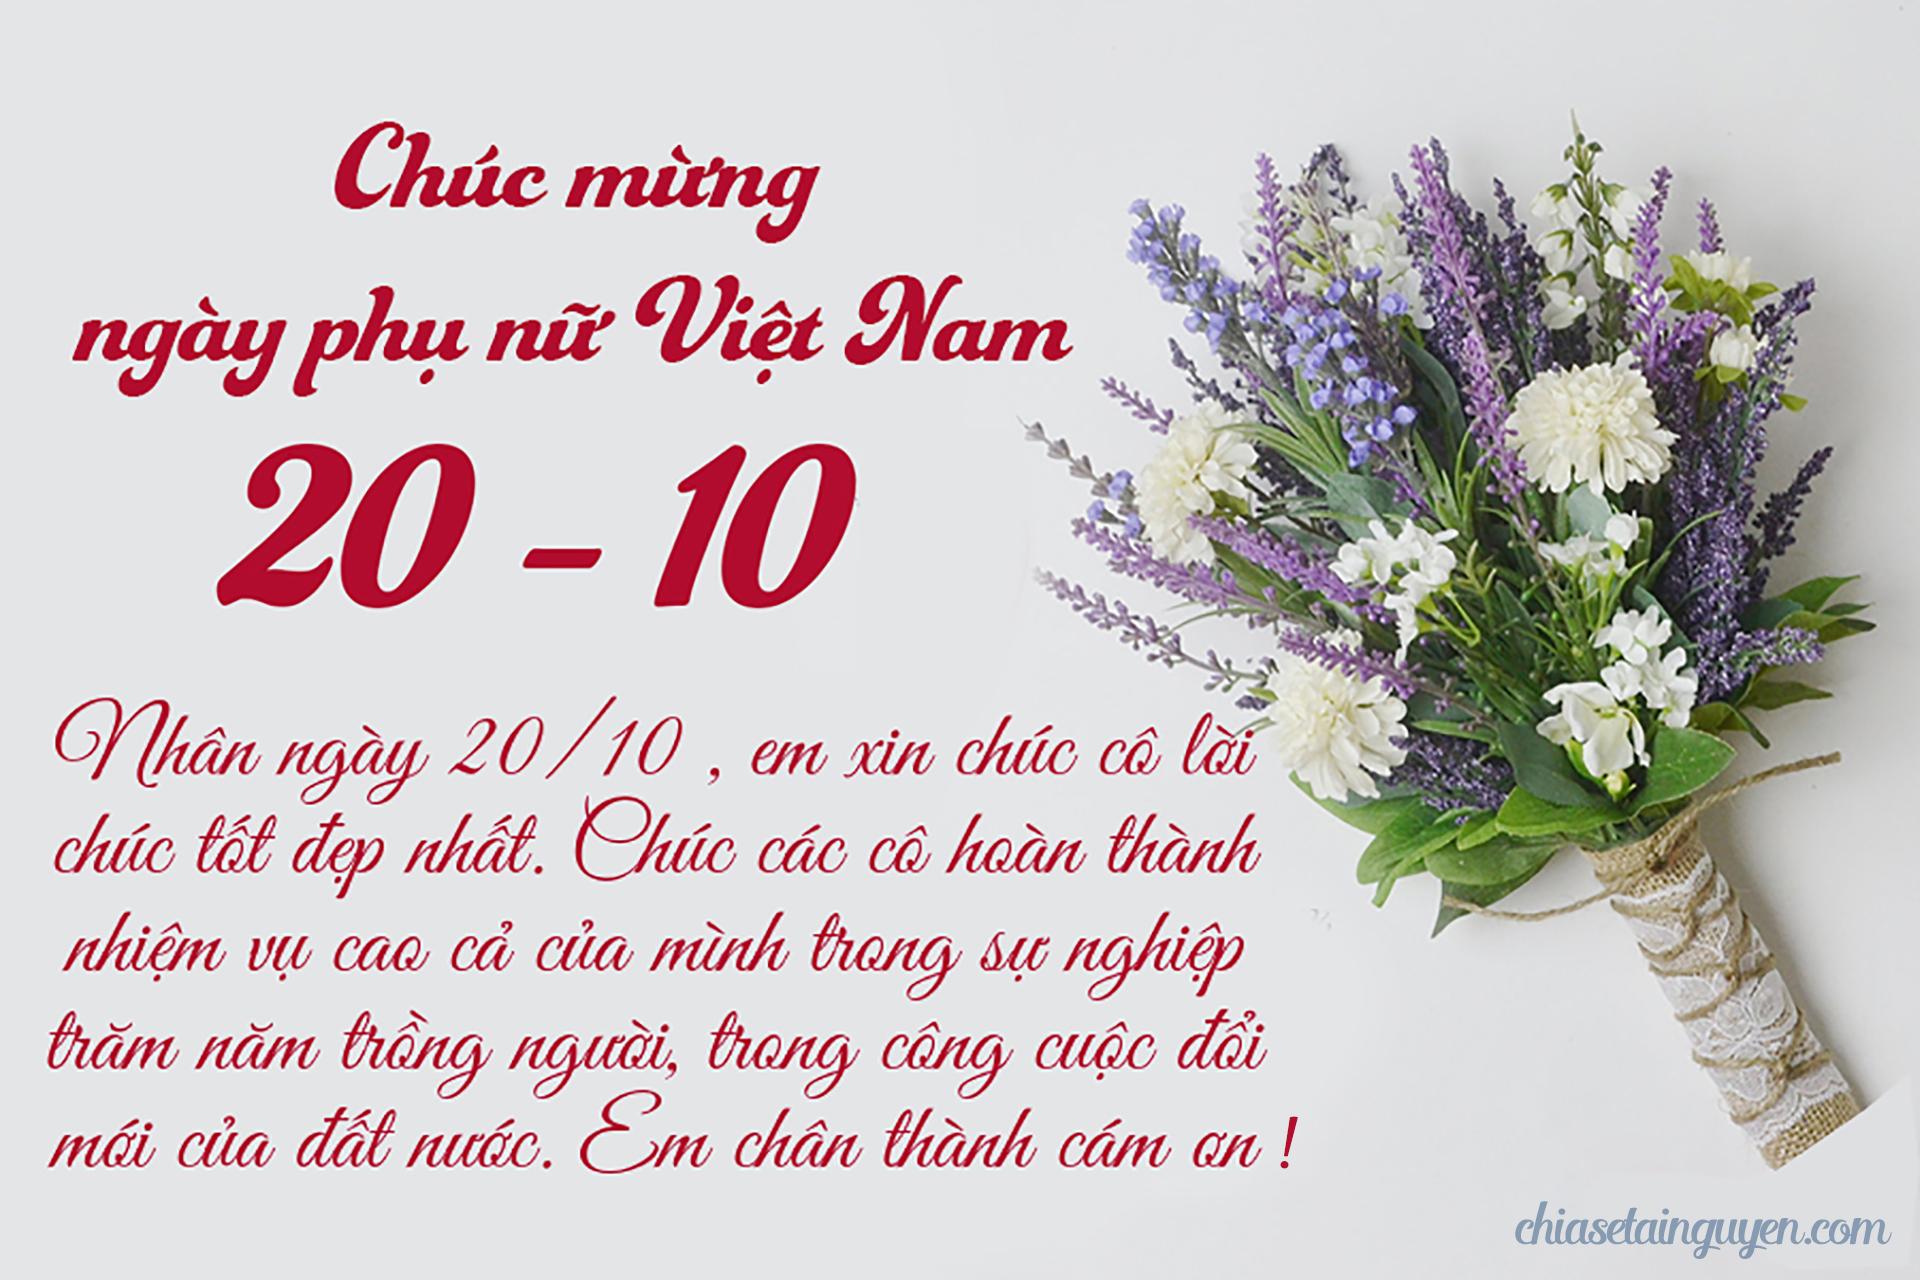 Bộ thiệp hoa mừng 20-10 kèm lời chúc cực dễ thương gửi đến cô